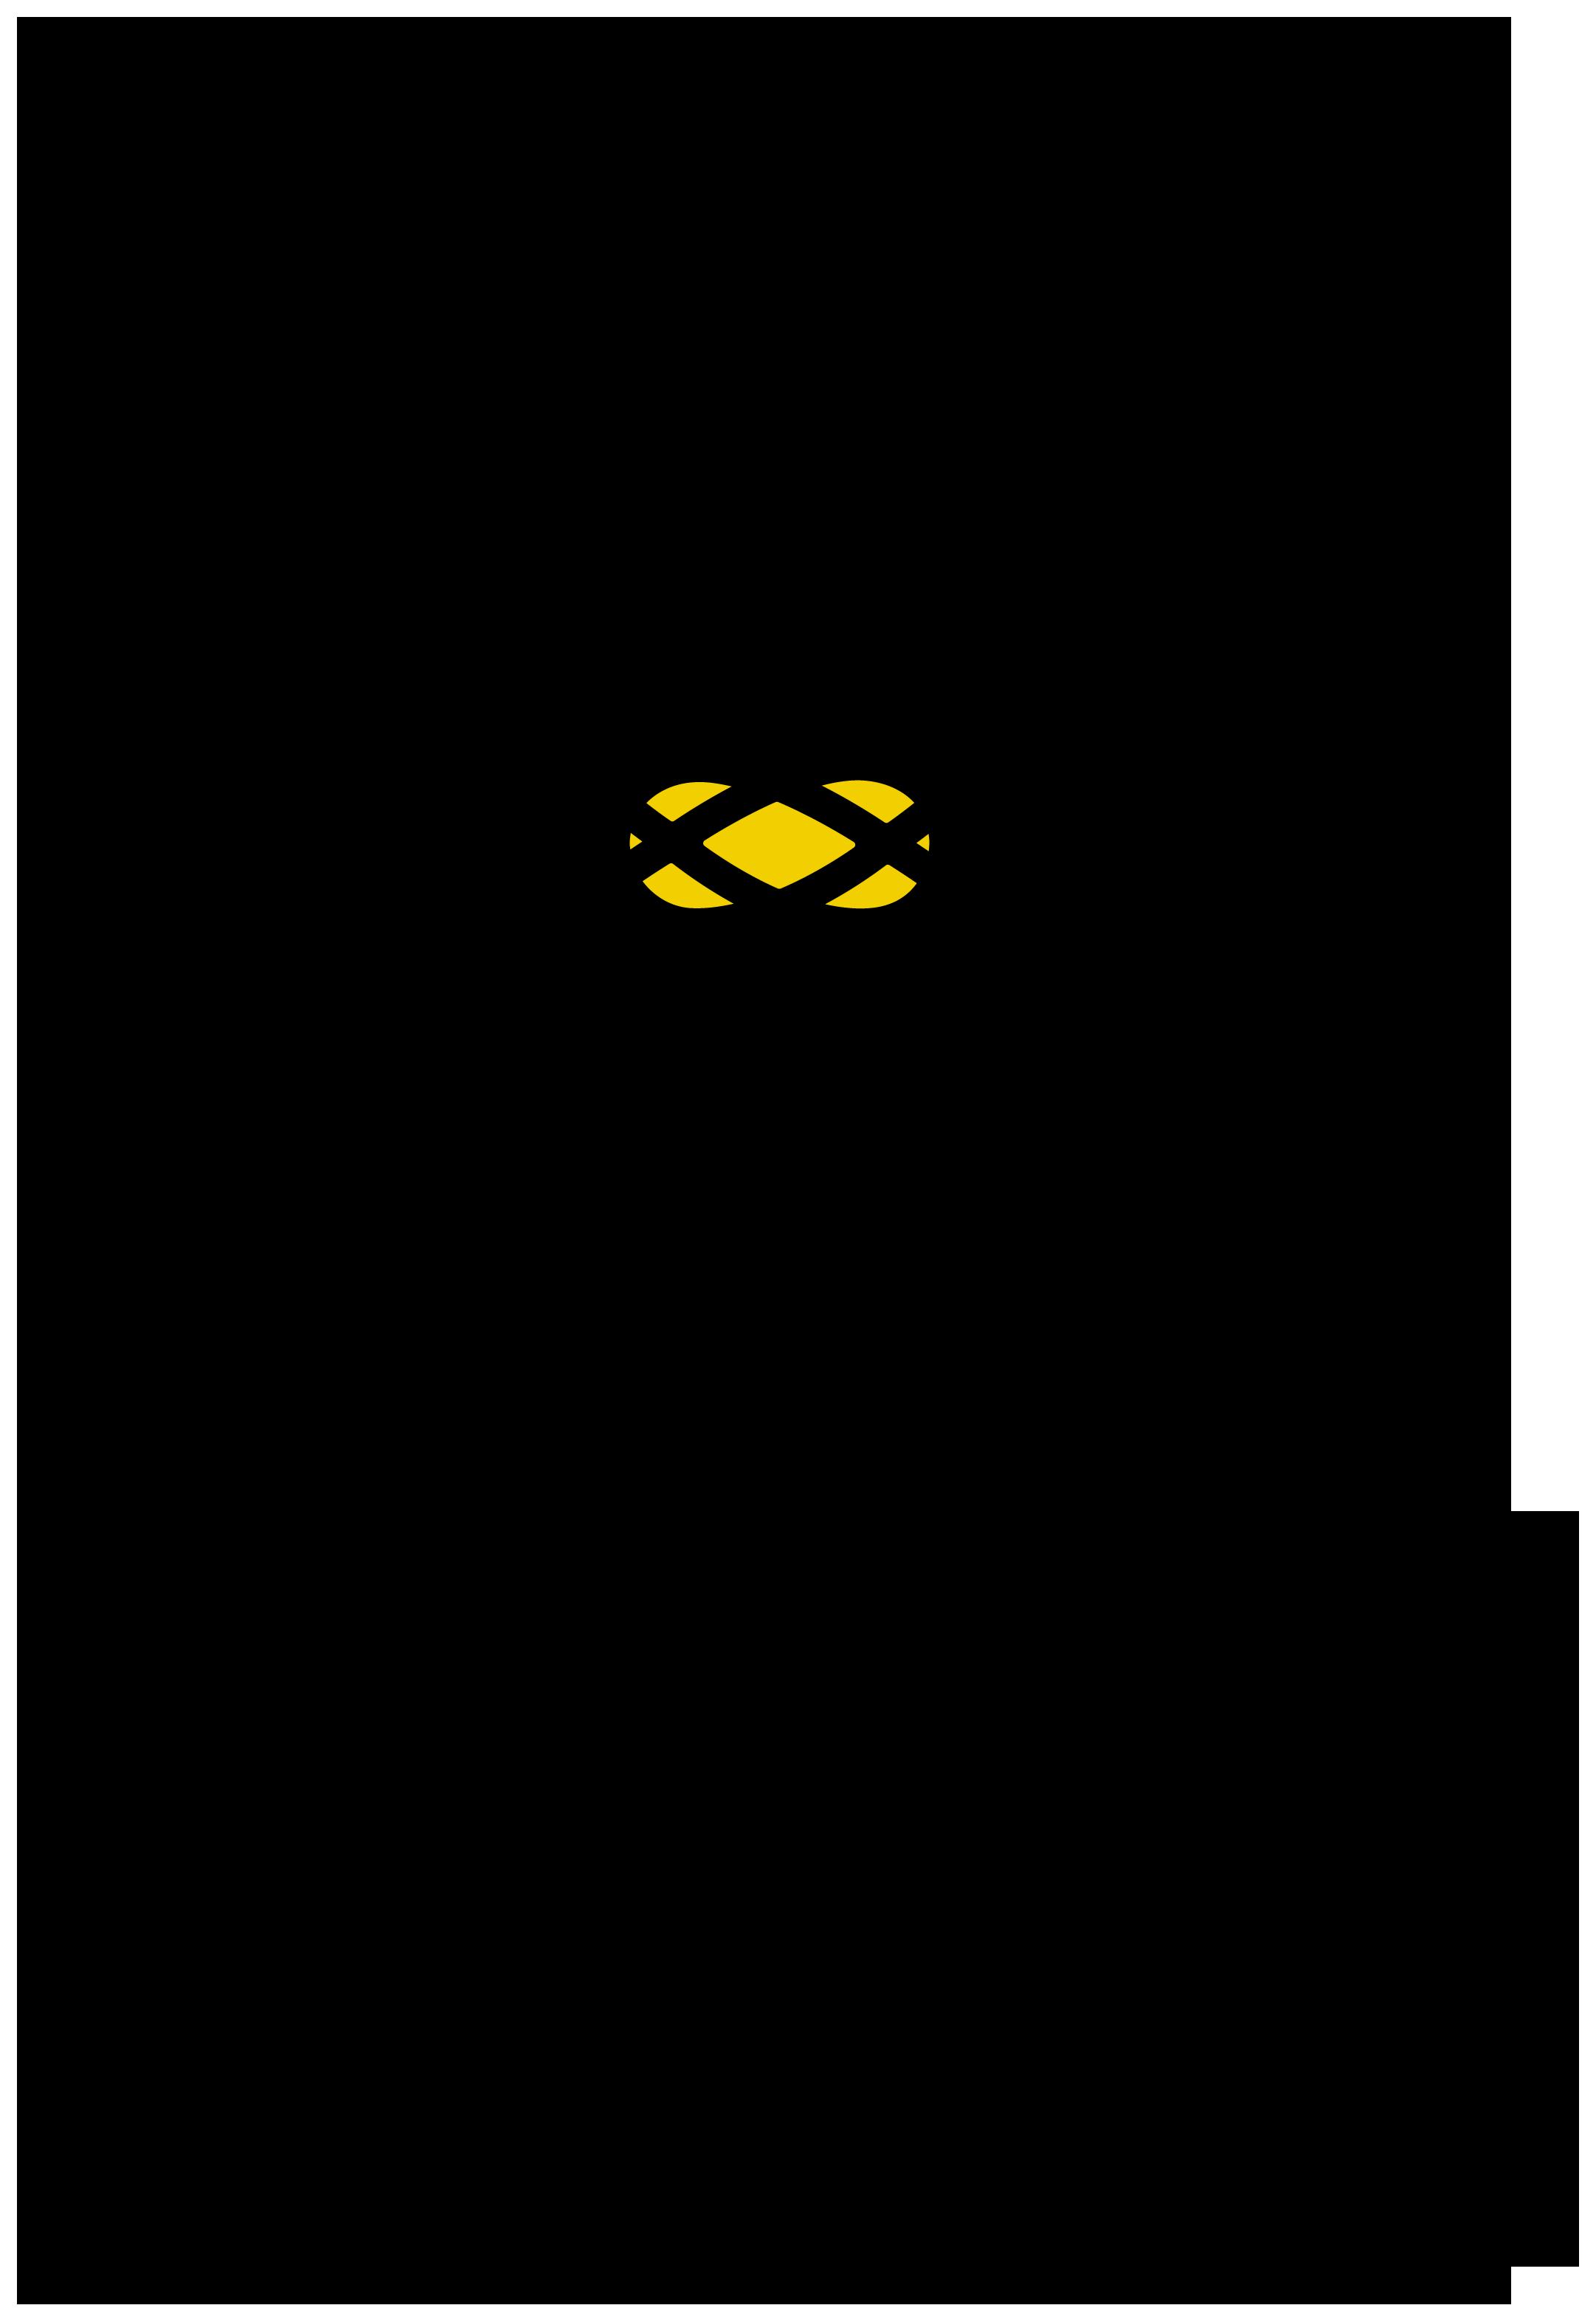 士業全般と親しみ/優しいと白のロゴ